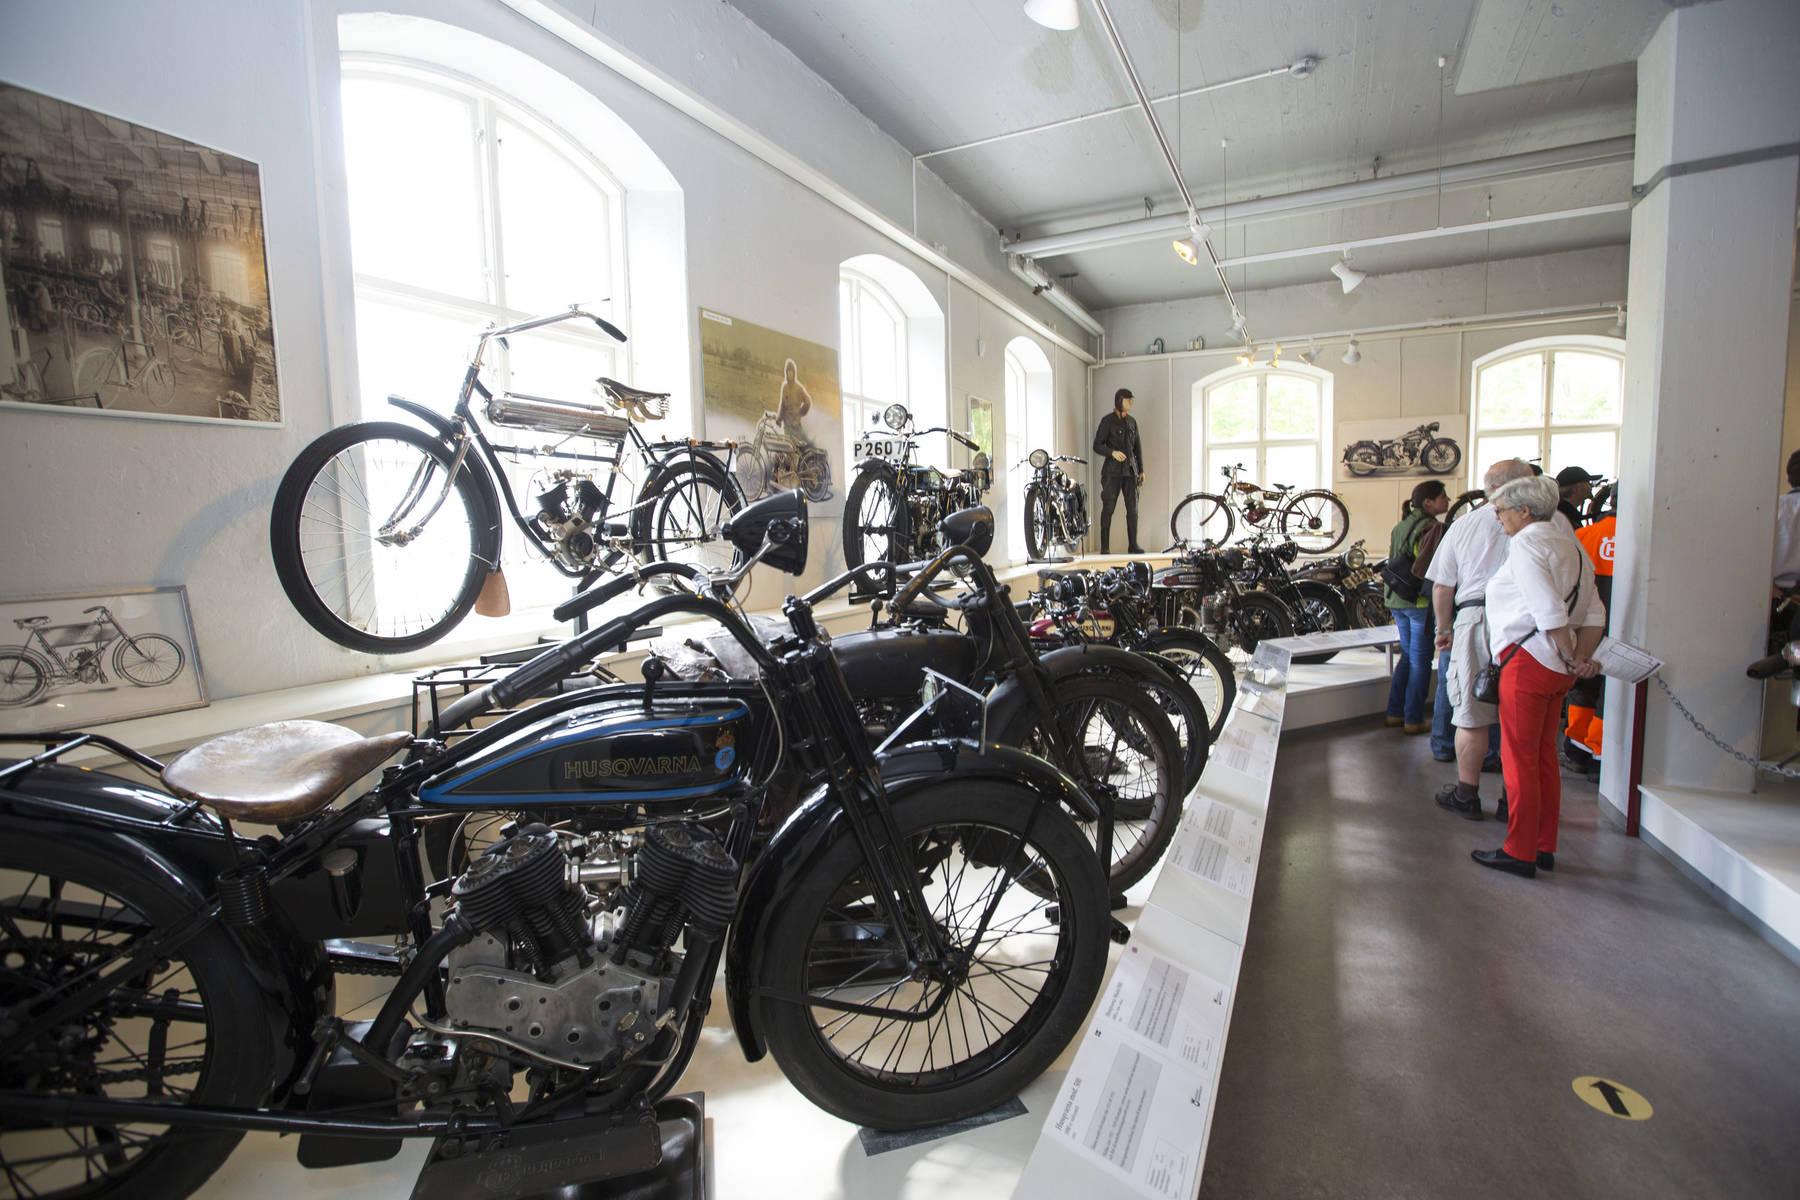 Inte bara motorcyklar, även det mesta till hemmet